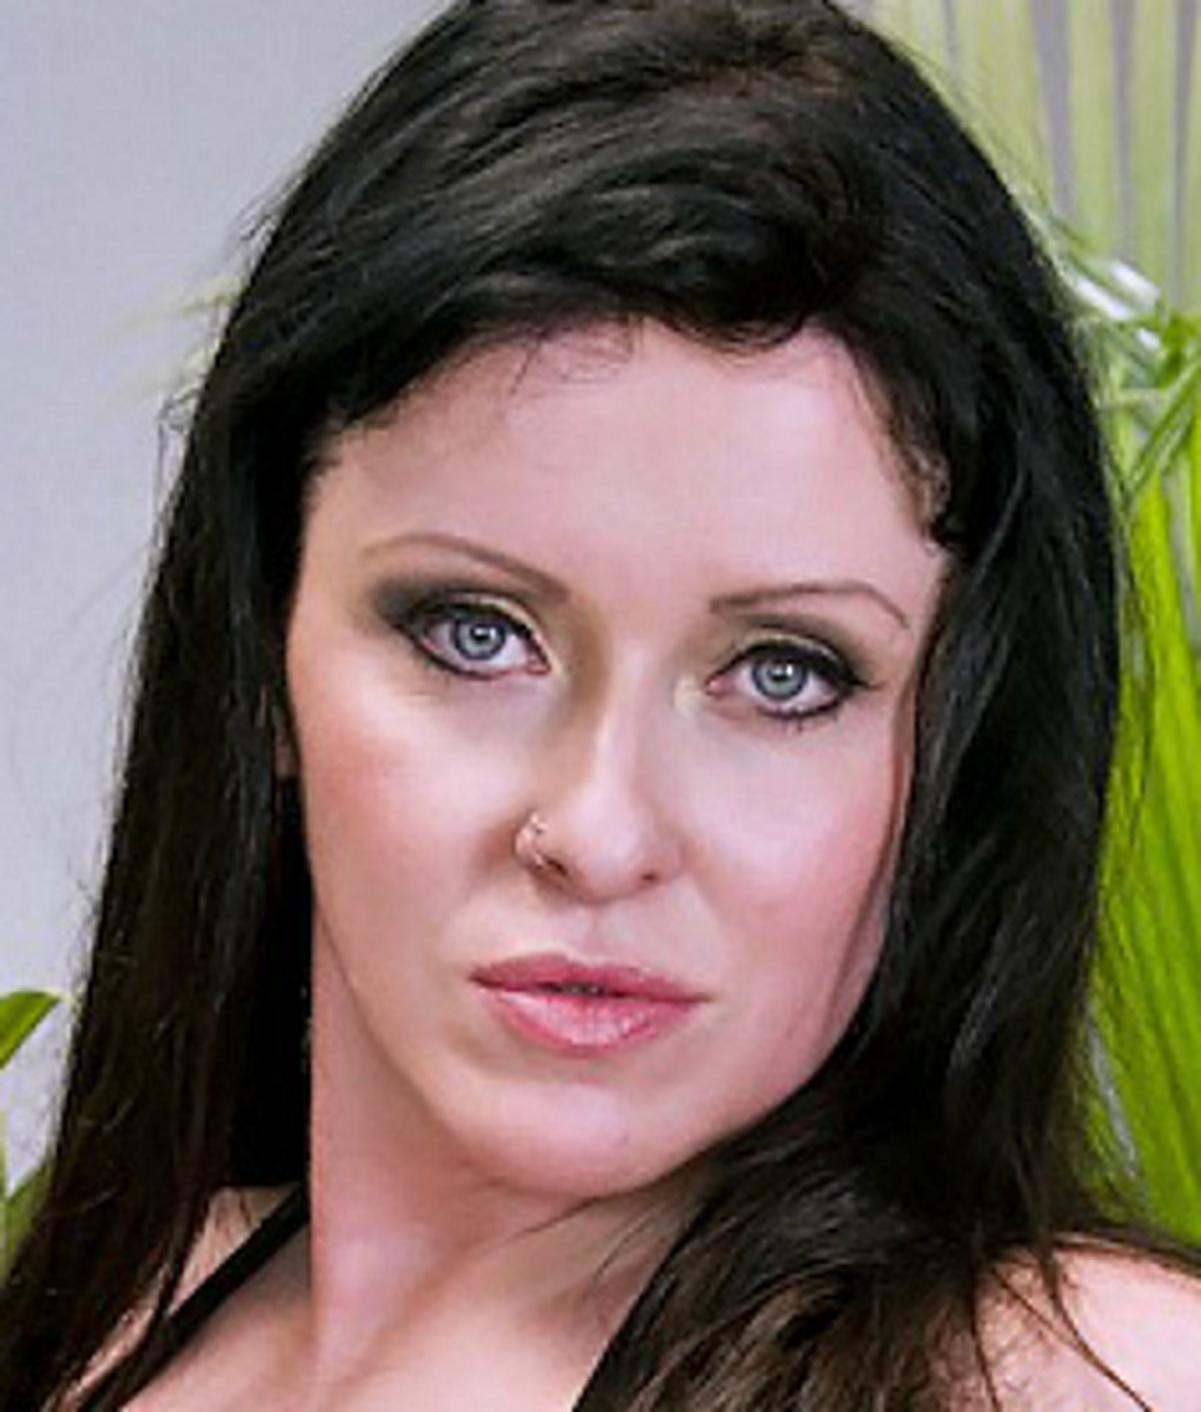 Gabriella Porttioli